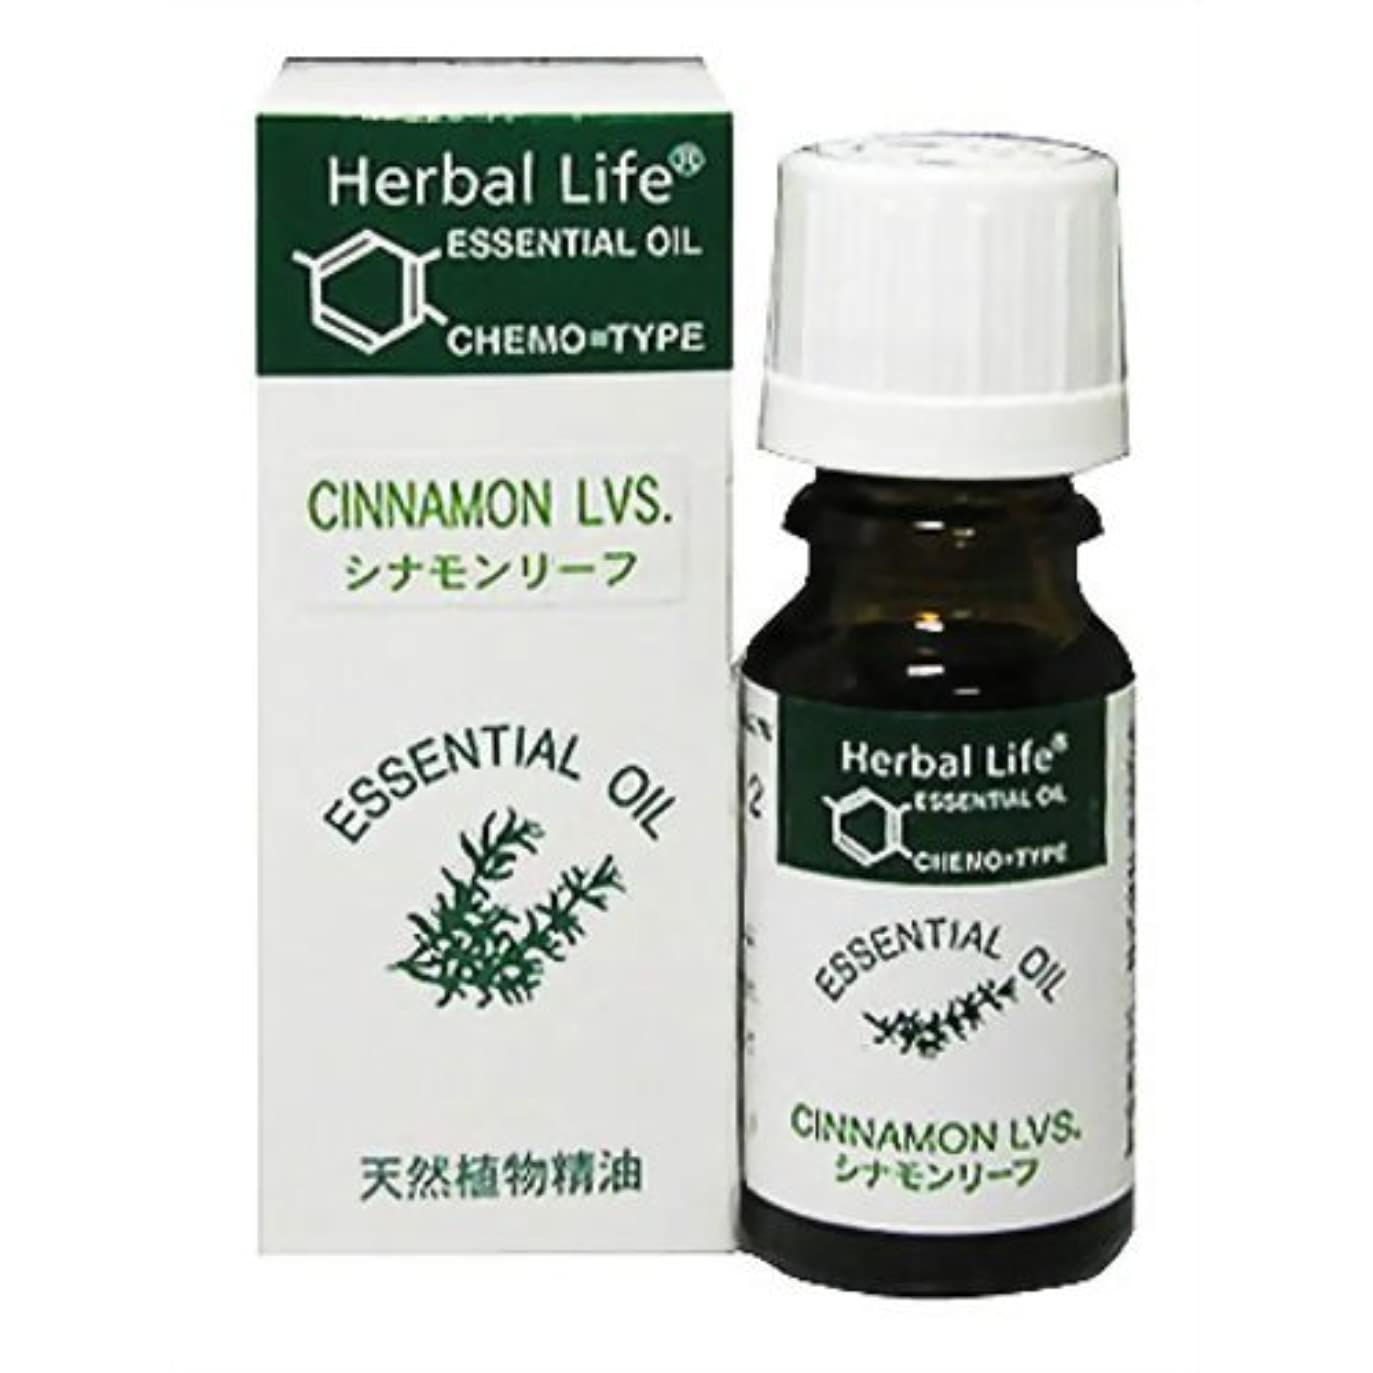 きつくむちゃくちゃ無意味Herbal Life シナモンリーフ 10ml